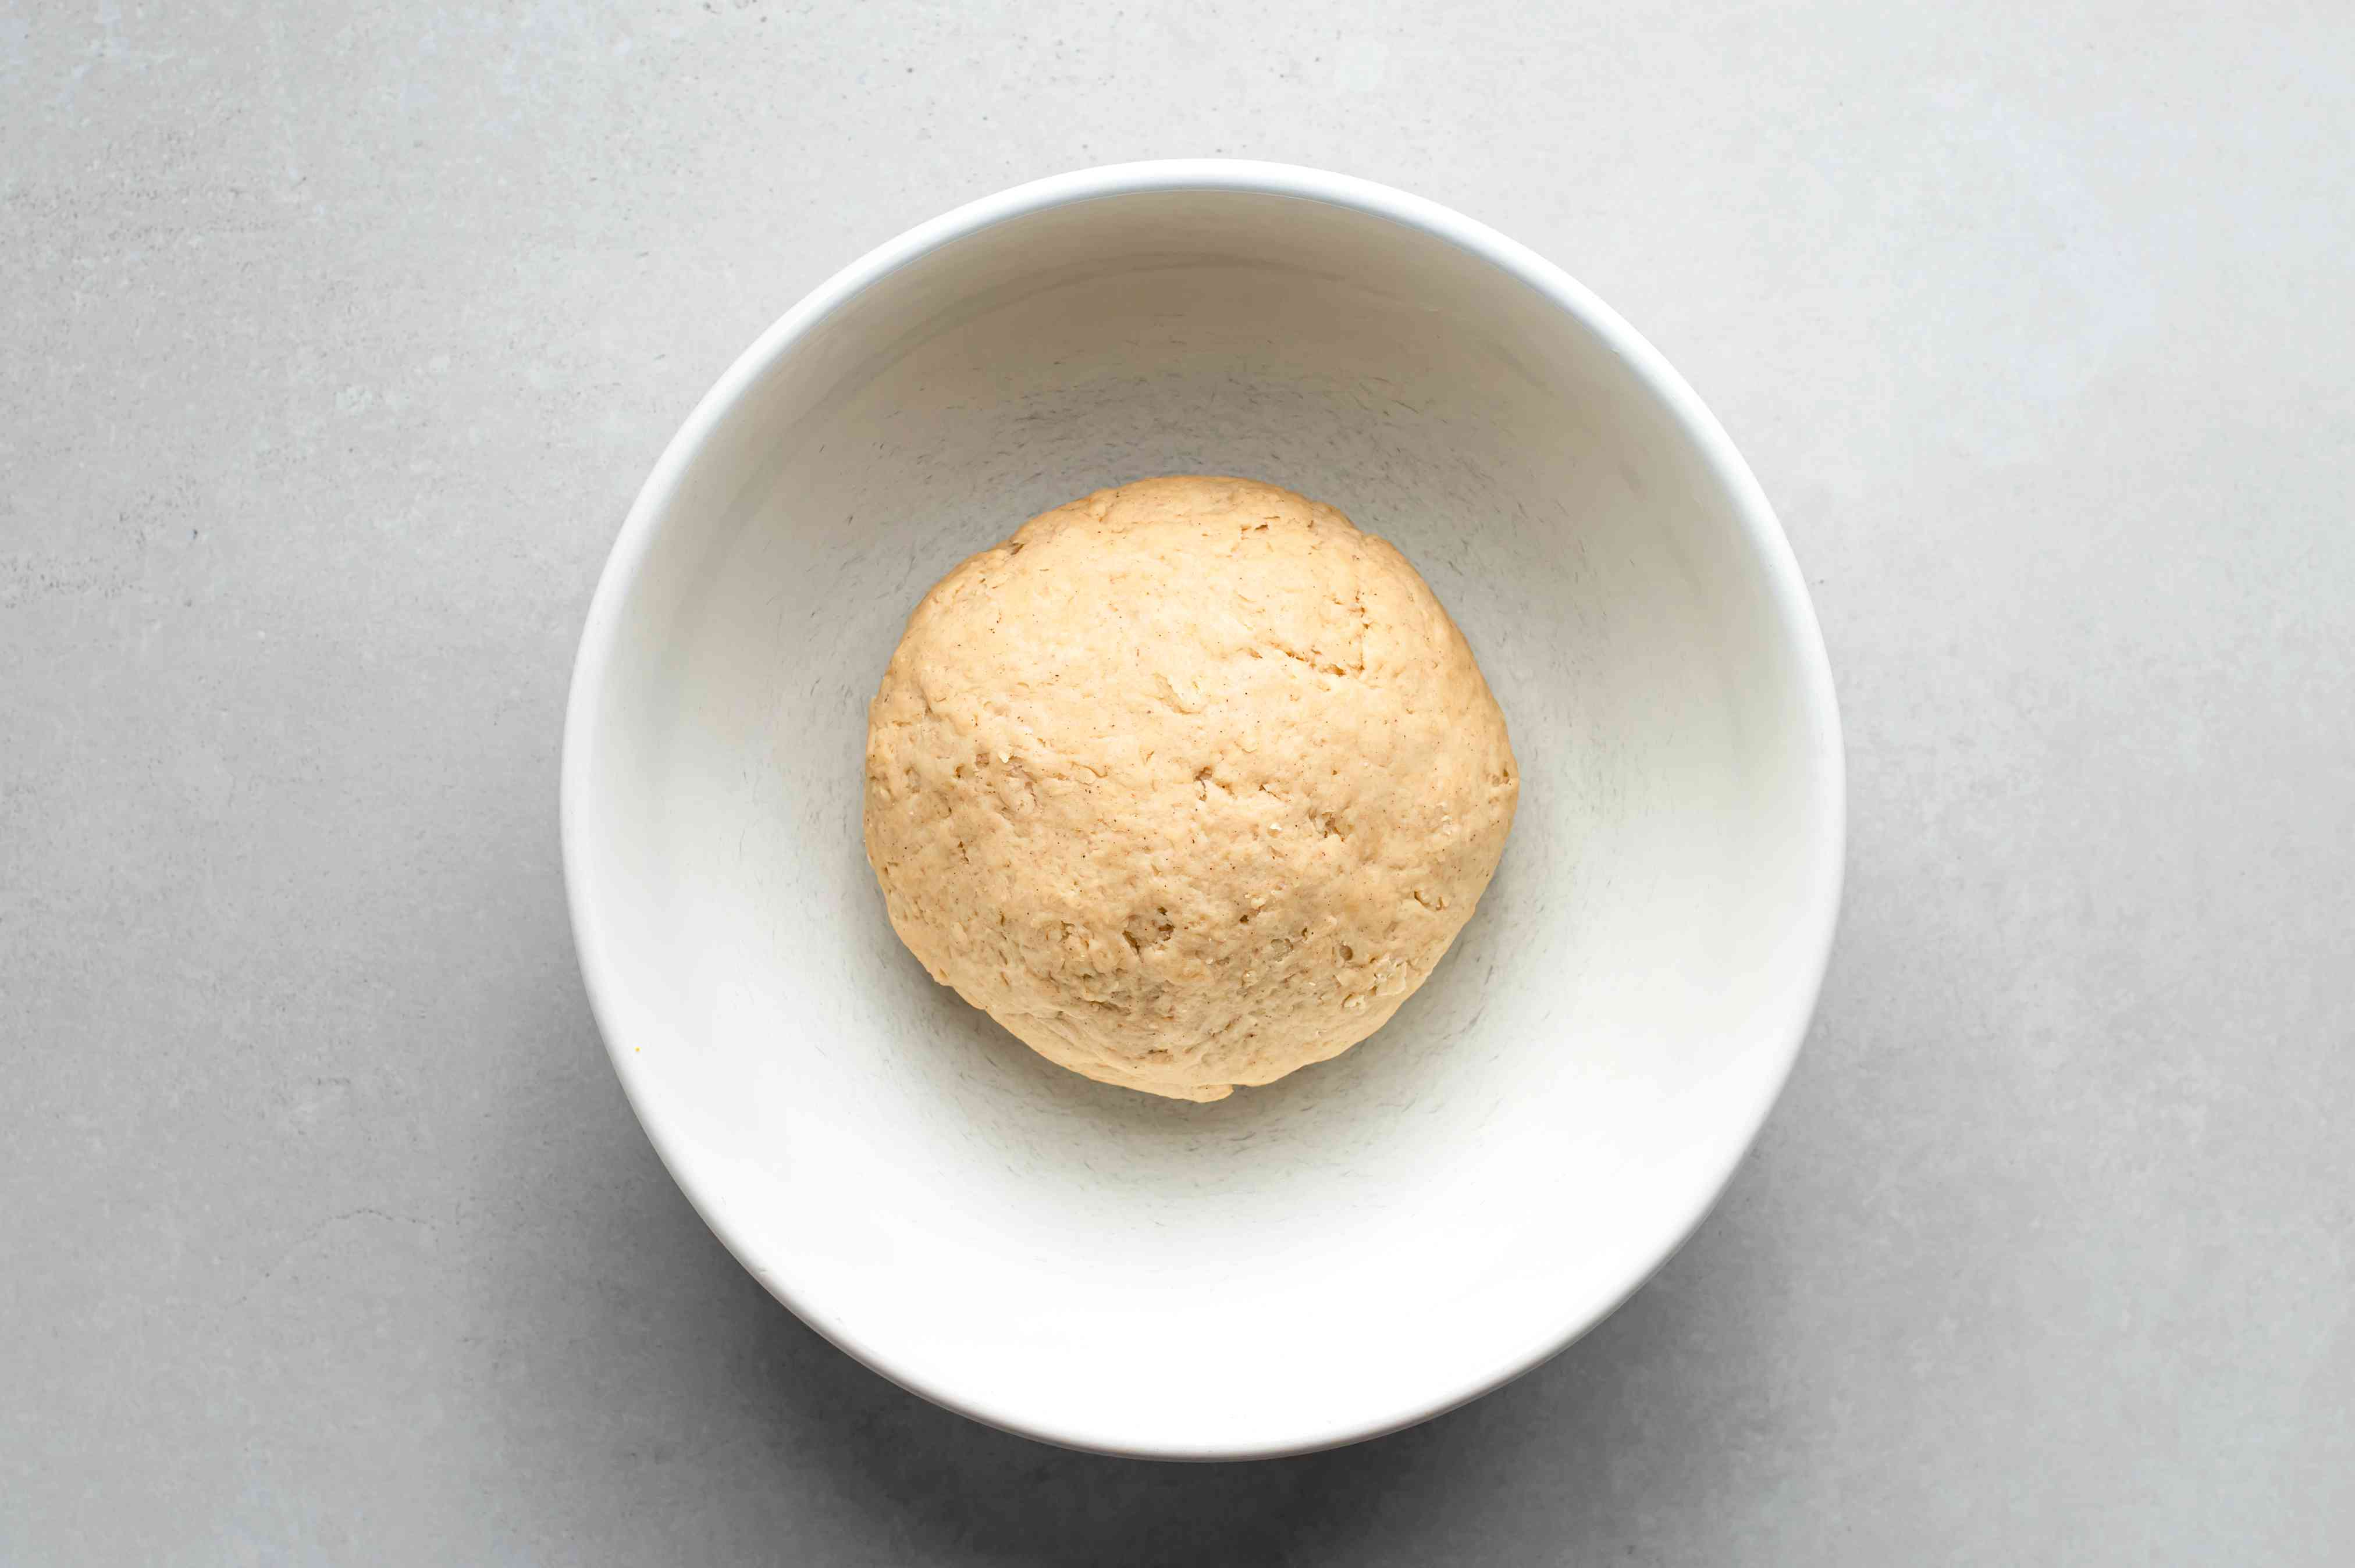 empanada dough in a bowl